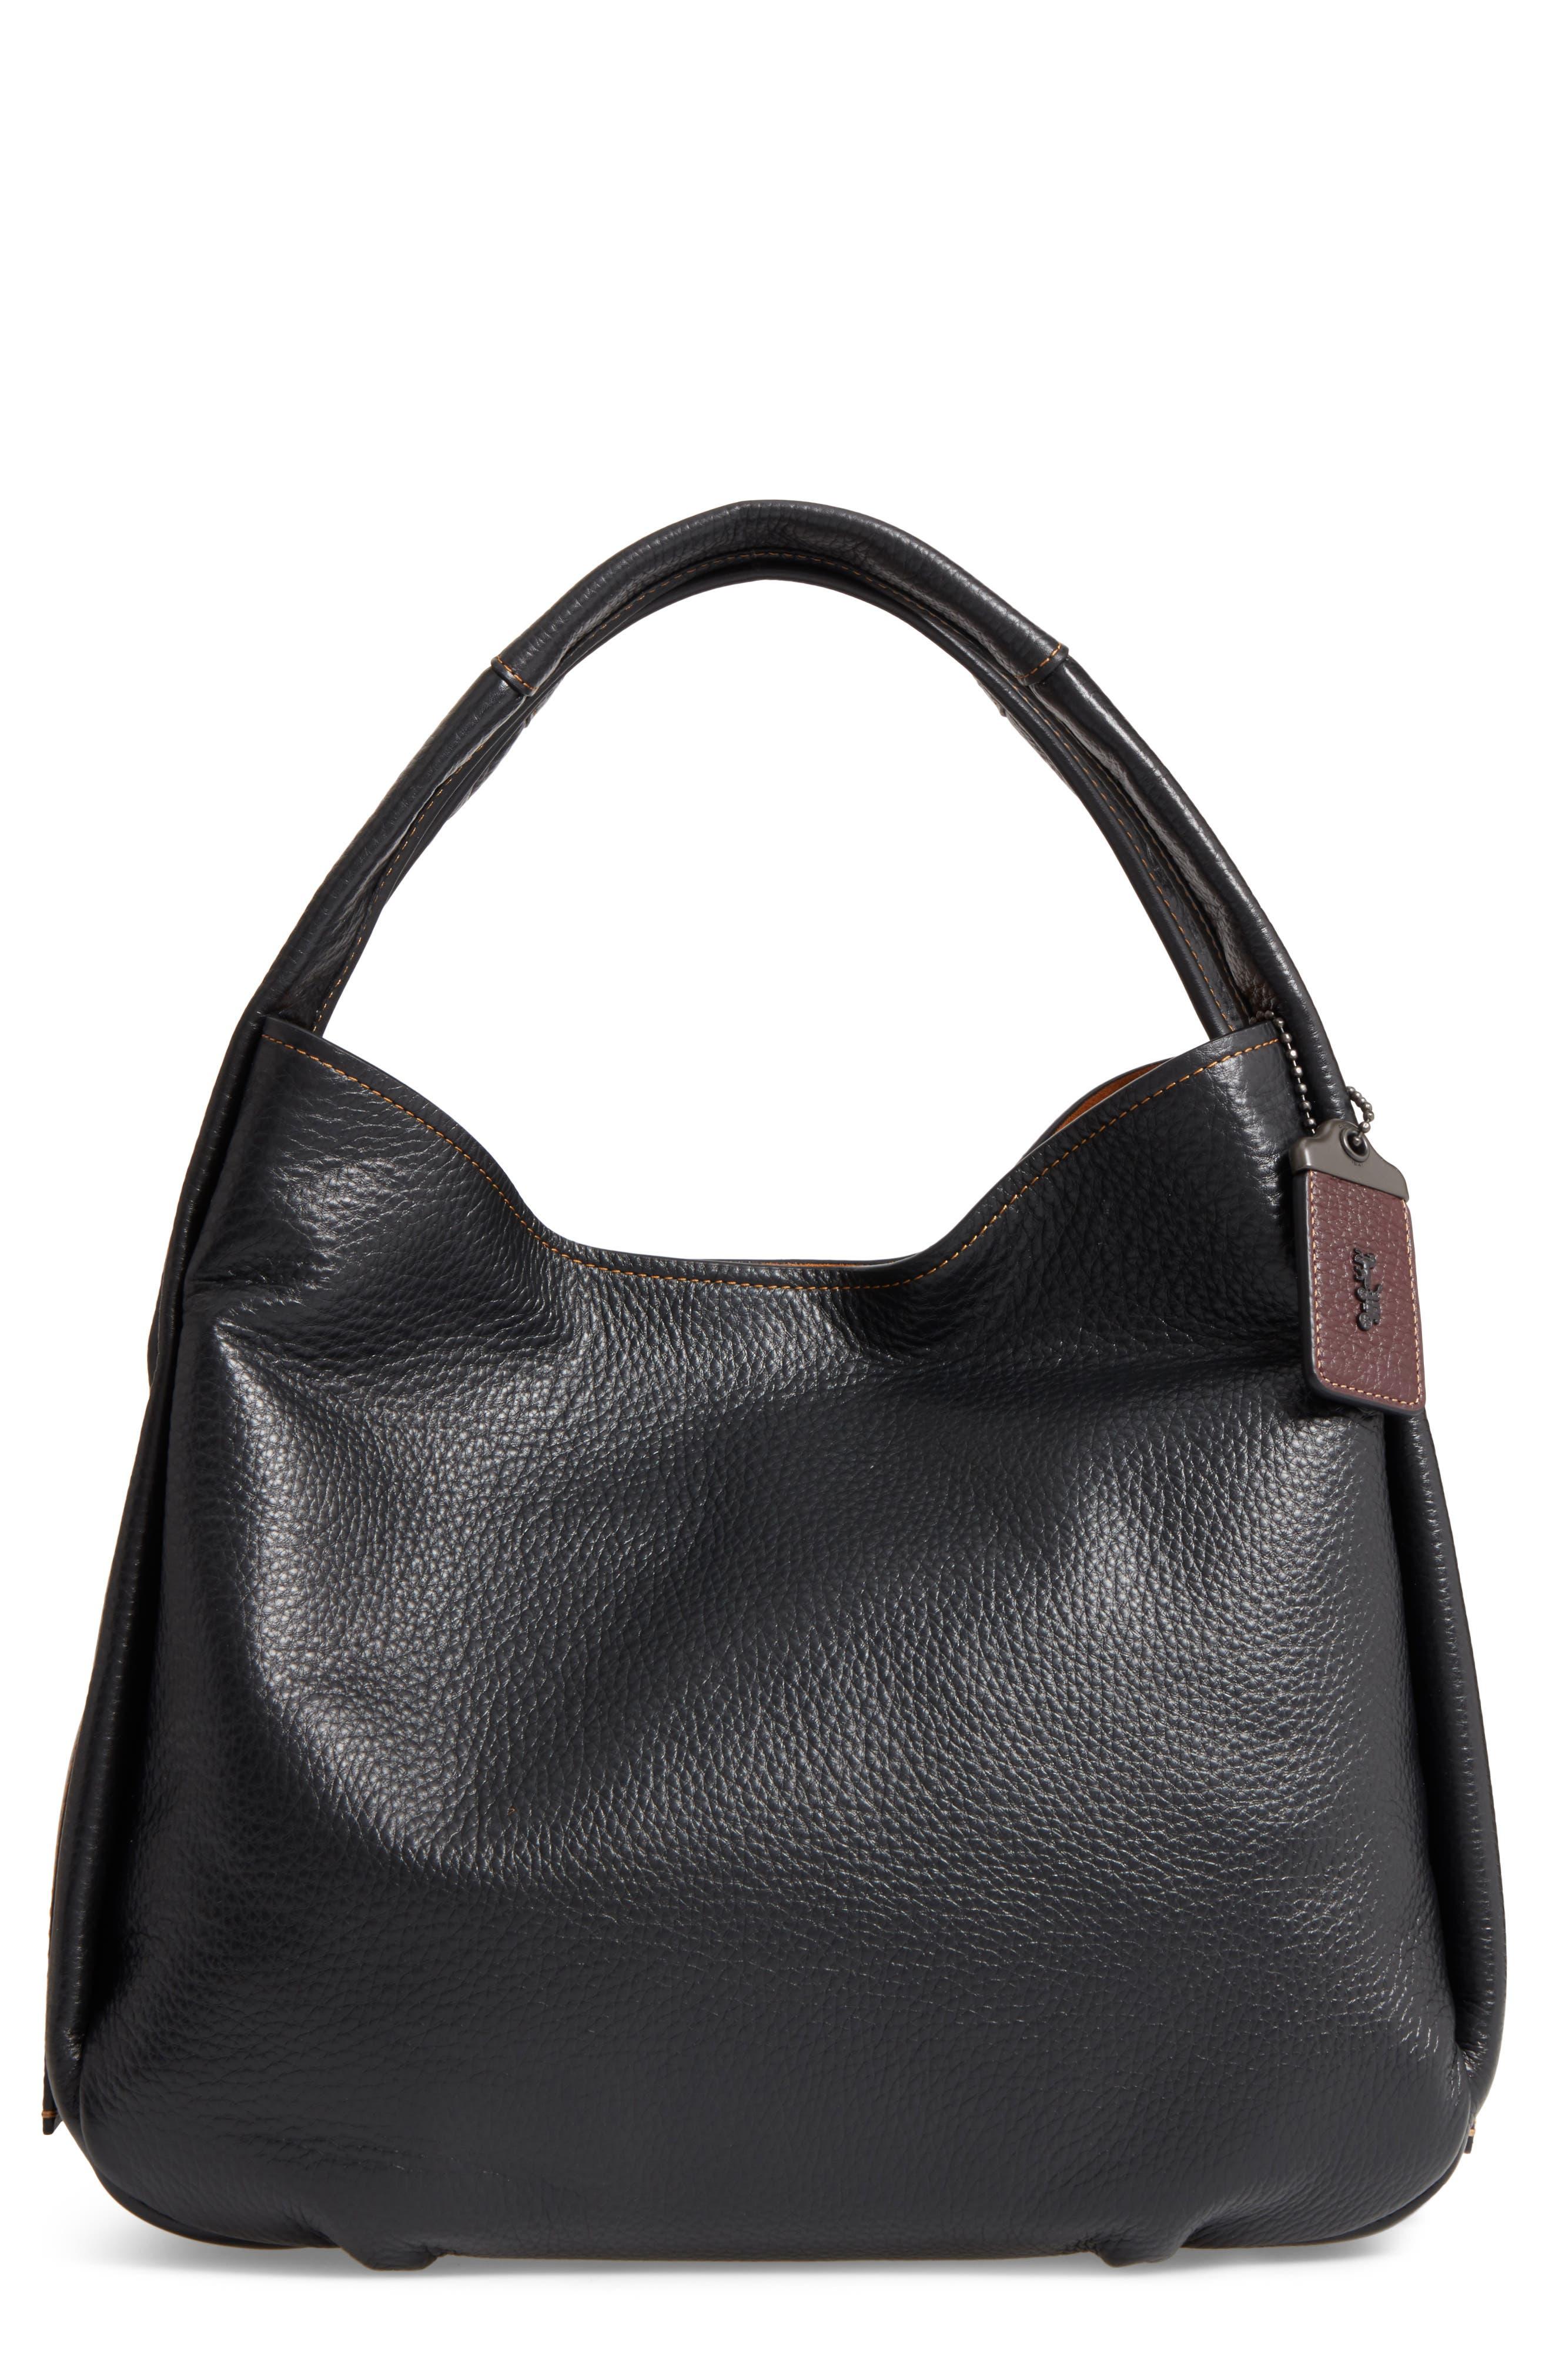 Main Image - COACH 1941 Bandit Leather Hobo & Removable Shoulder Bag